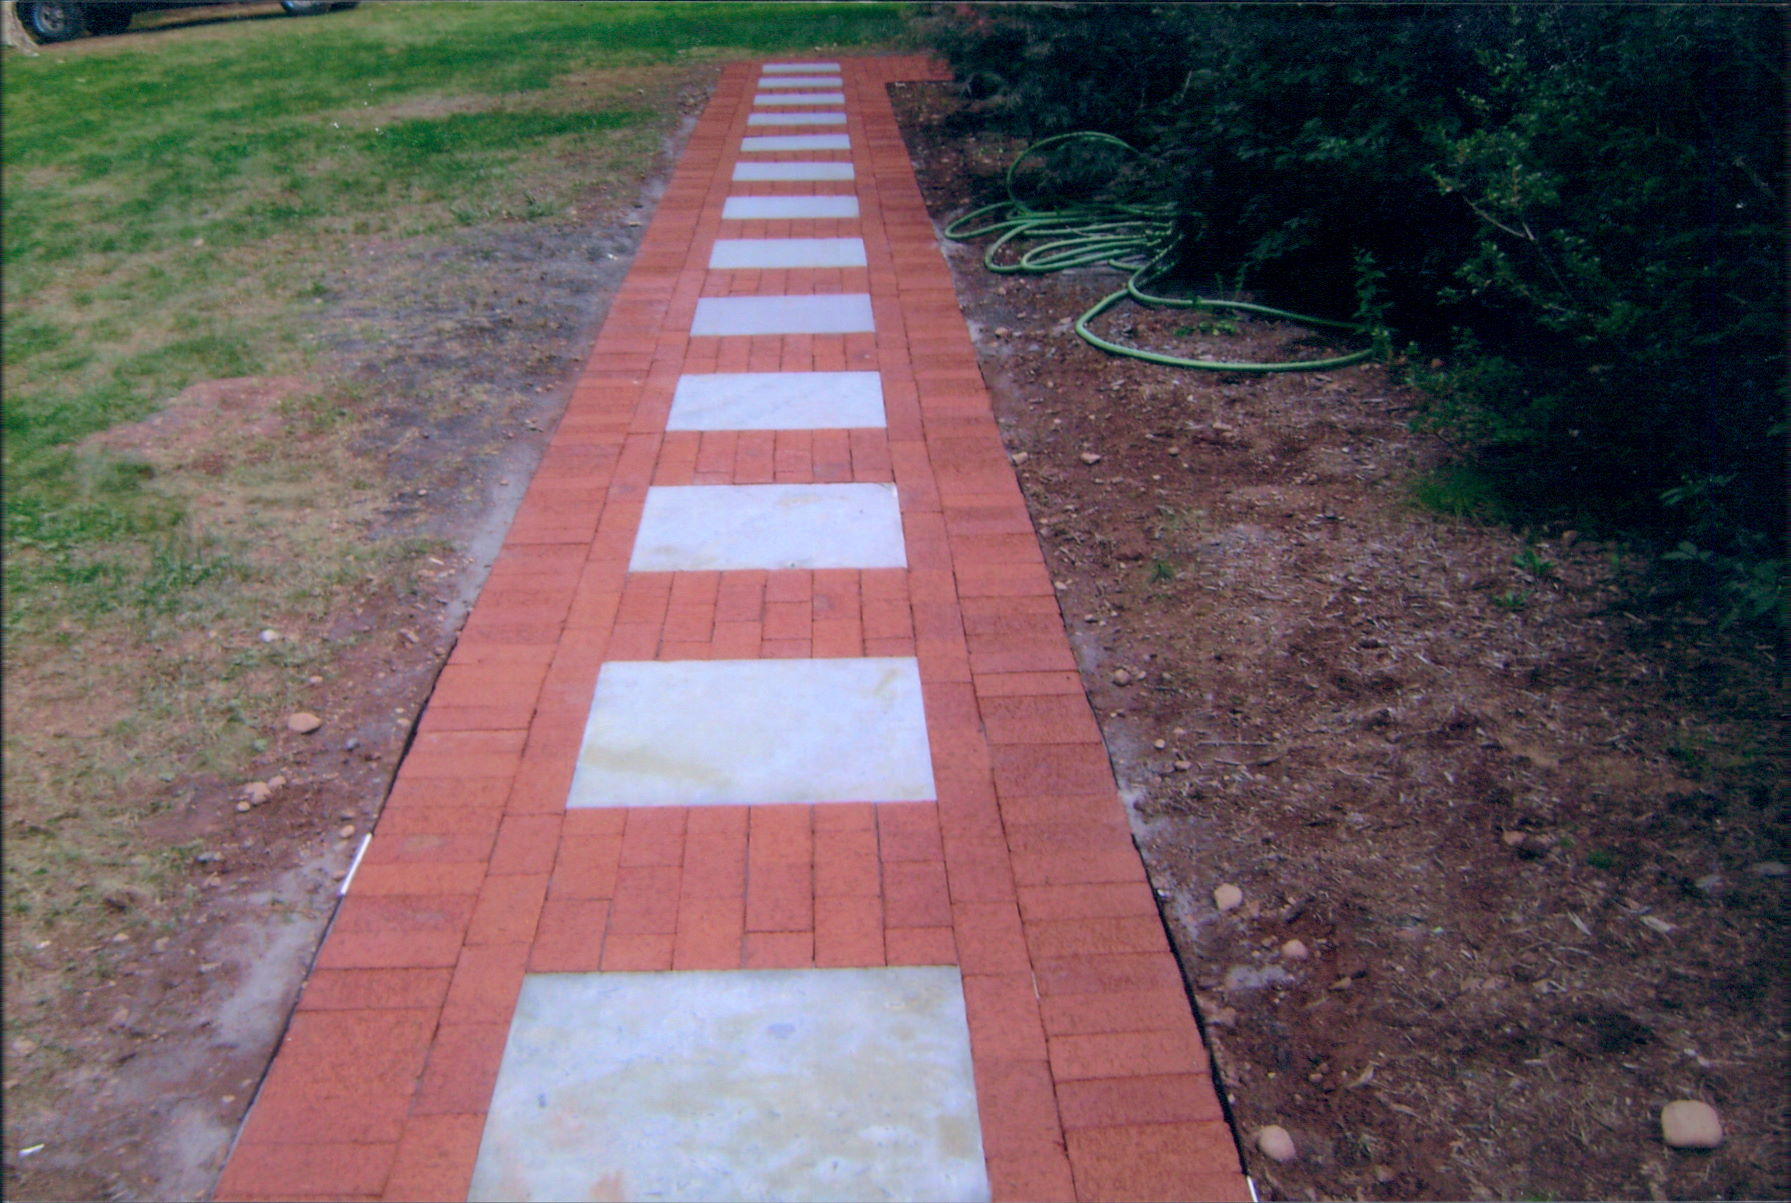 Brick_00008A.jpg